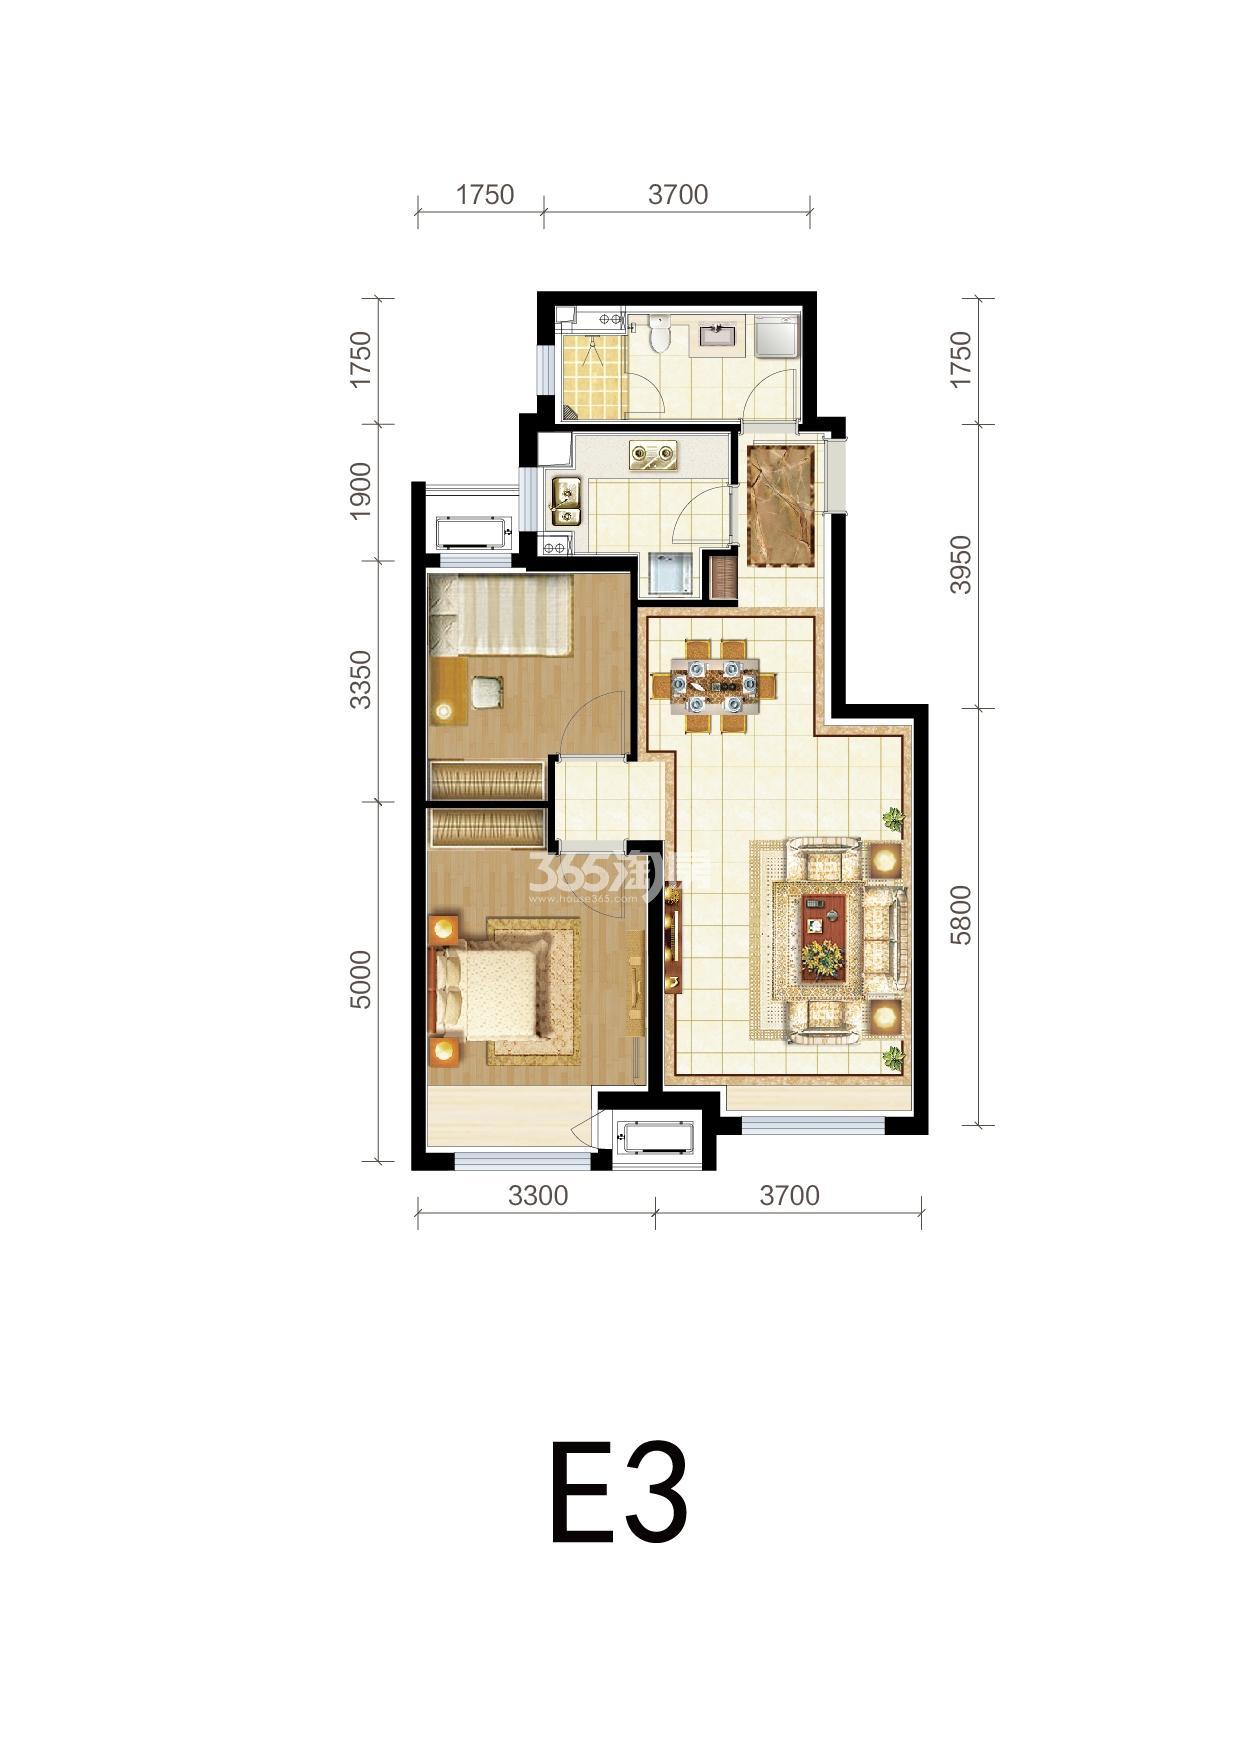 三期E3户型两室两厅 85平米